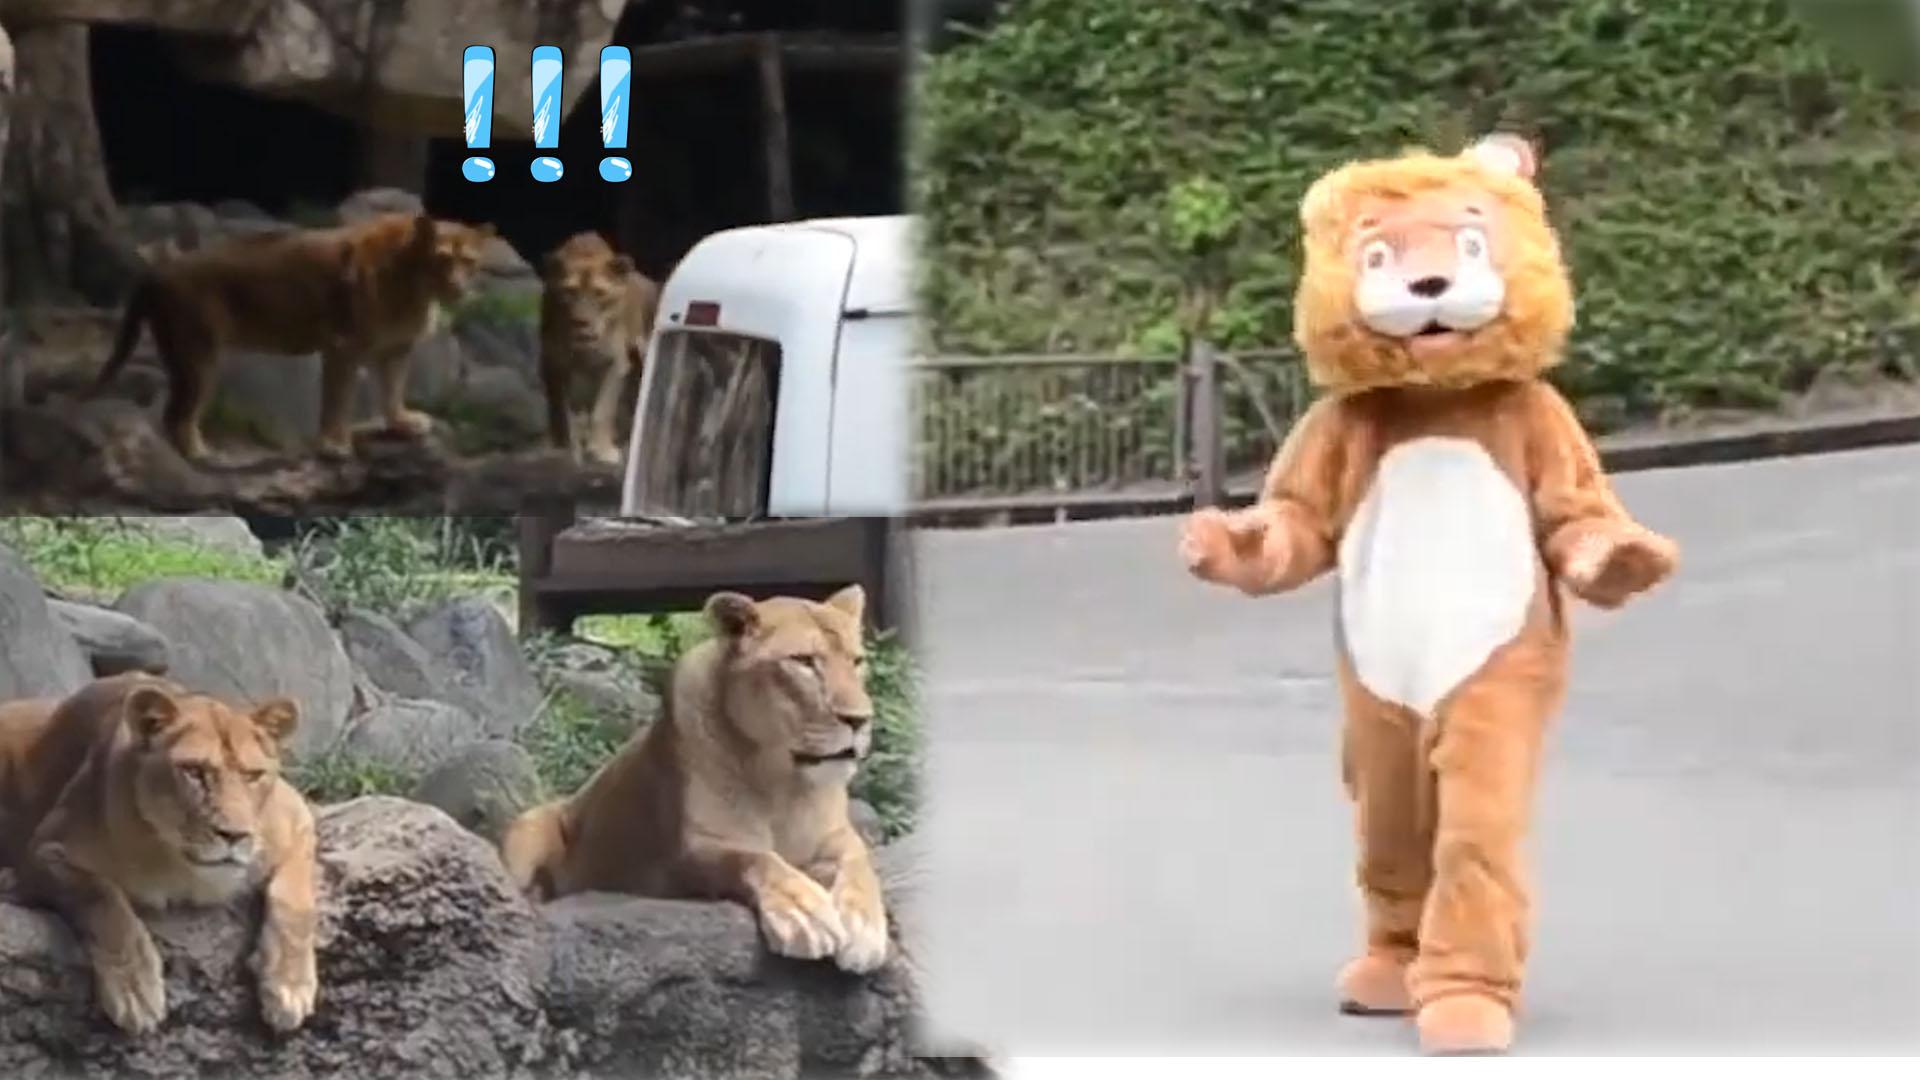 日本动物园模拟狮子出逃演习